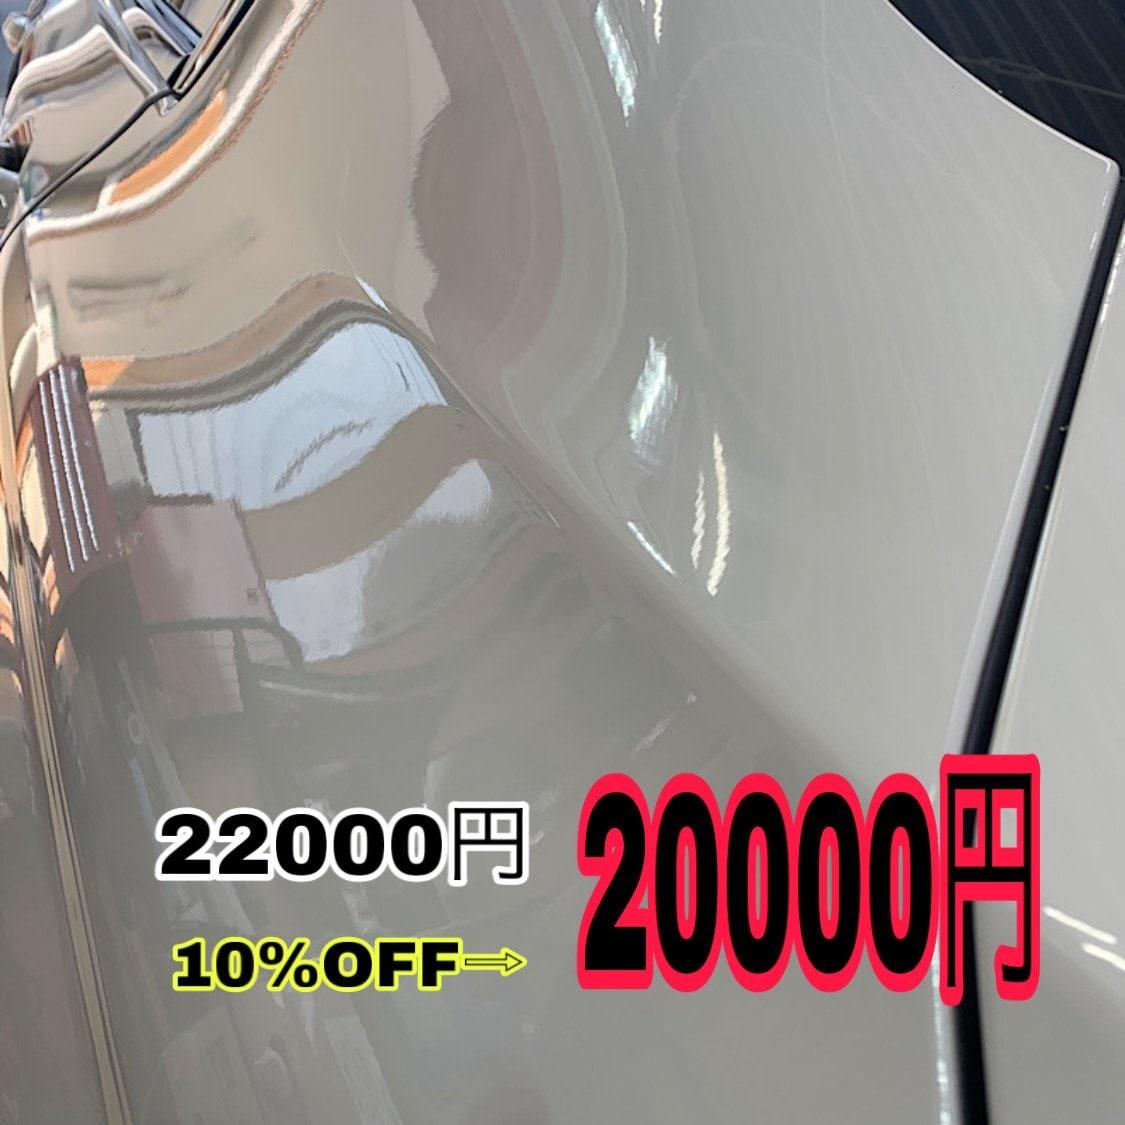 ポリマーコーティング 〜軽自動車〜のイメージその1